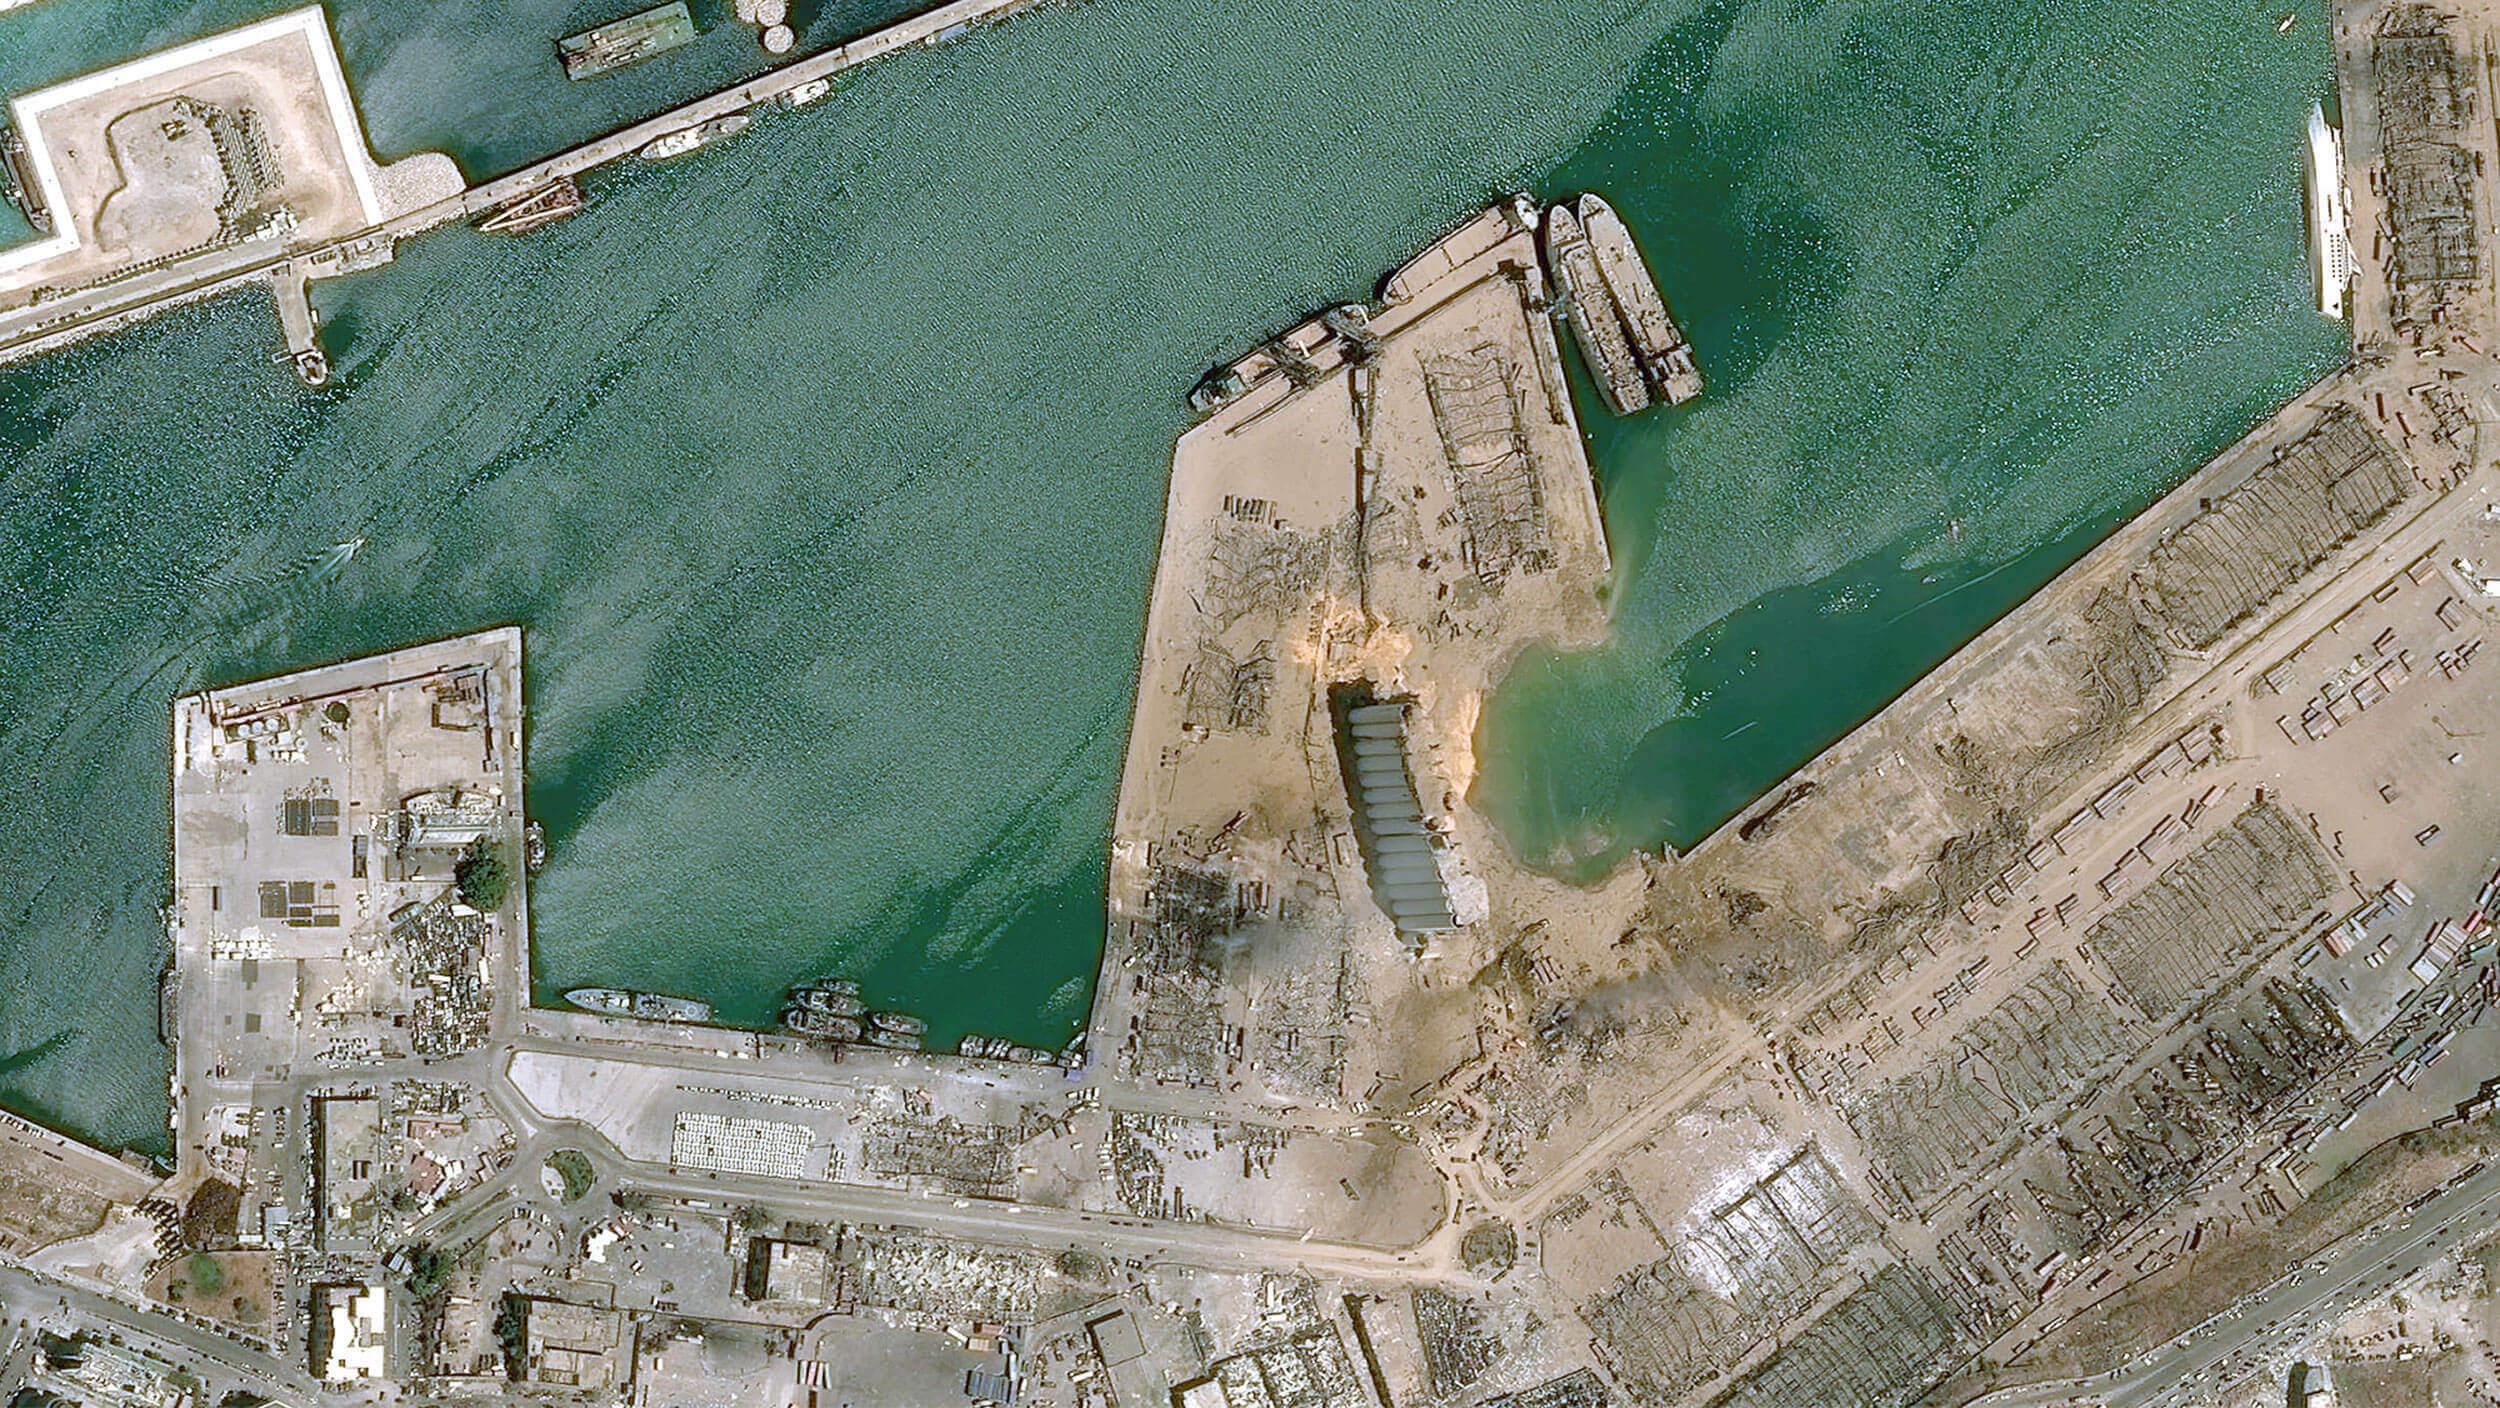 Satellitenbild des Hafens von Beirut